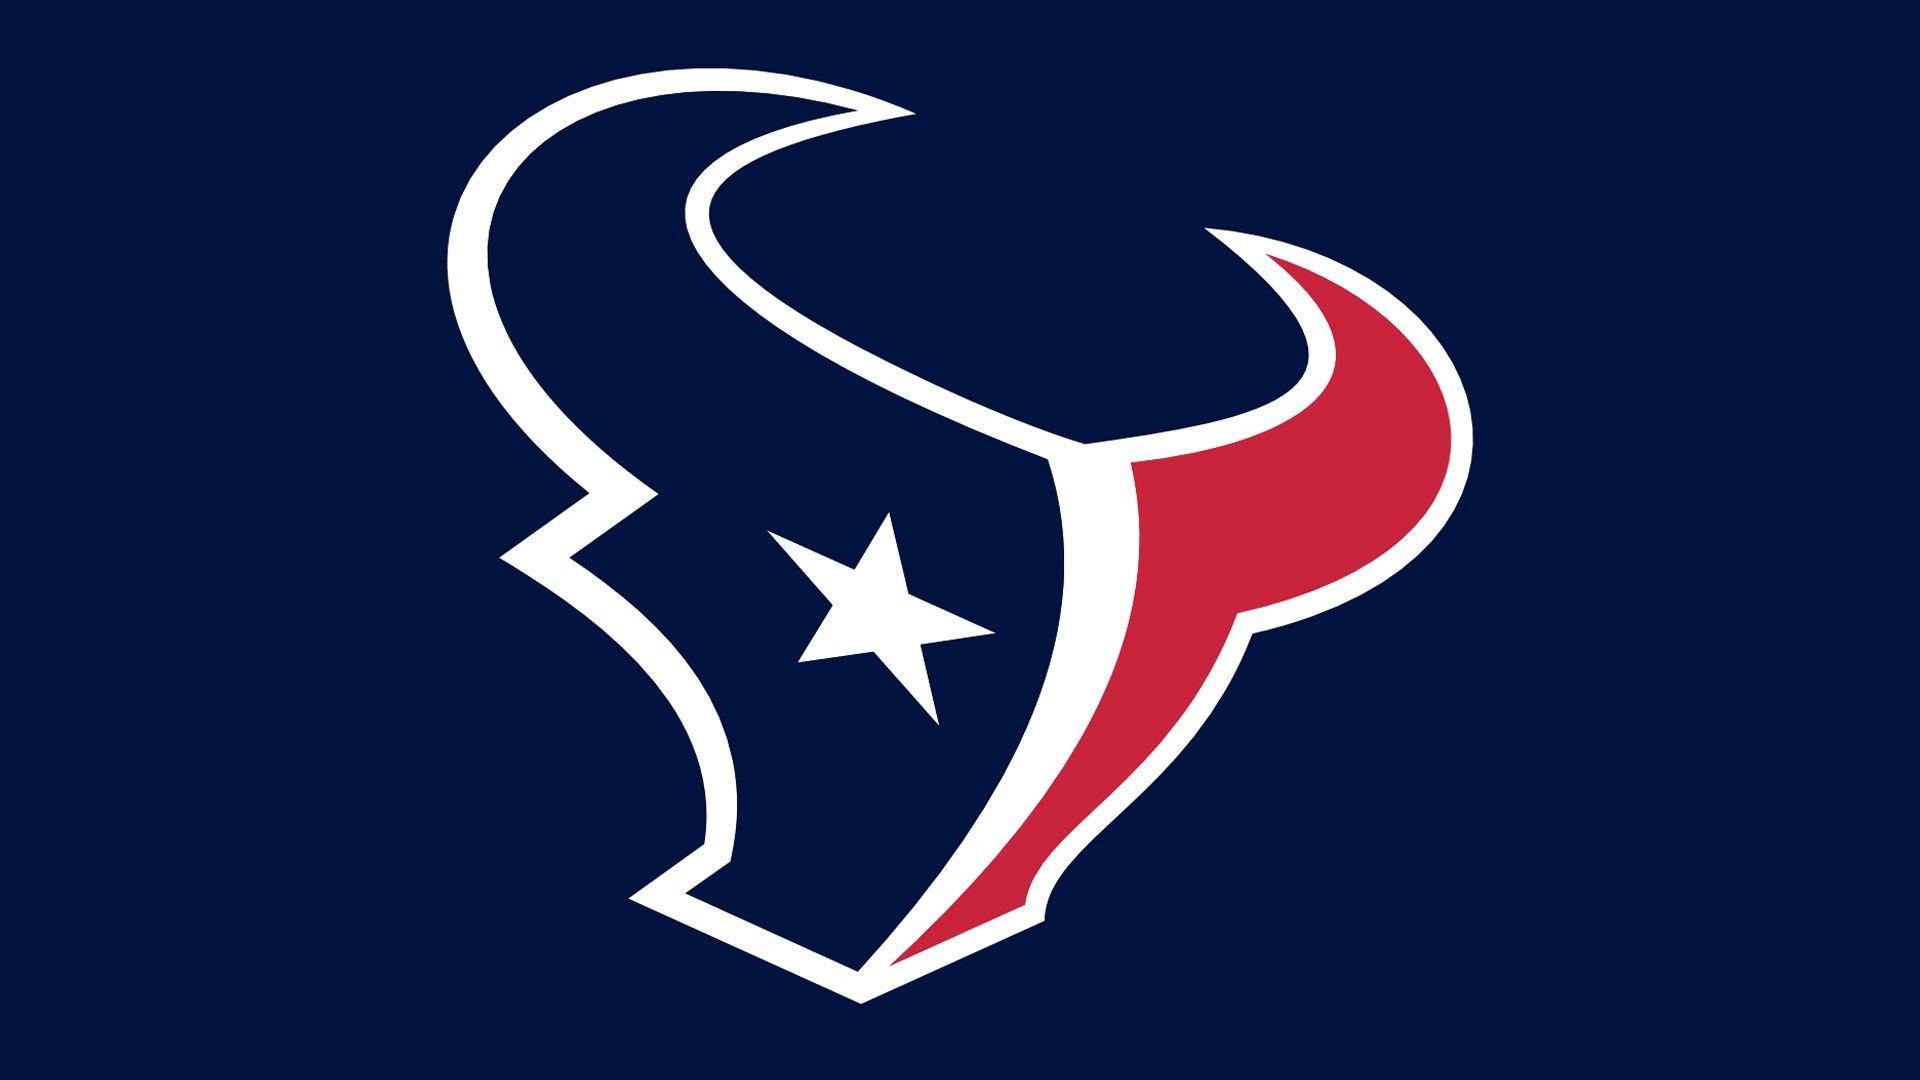 football team logos clip art houston texans team logo blue rh pinterest com au Houston Texans Logo Clip Art Houston Texans Cartoon Clip Art